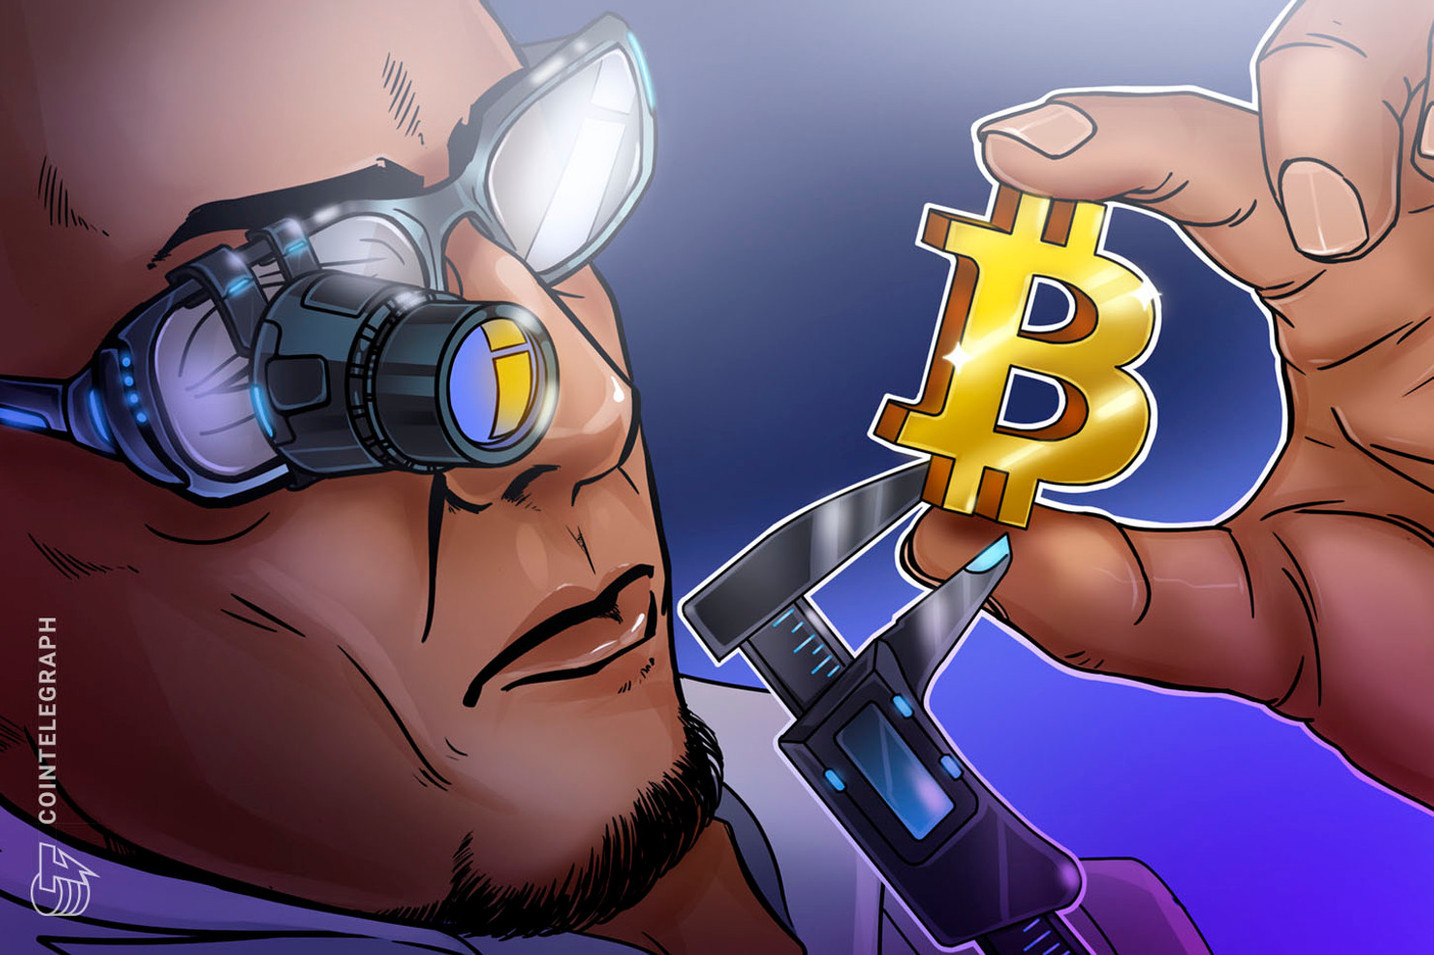 Ses Getirecek Araştırma: 2030'da Bitcoin 397.000 Dolar Olacak!